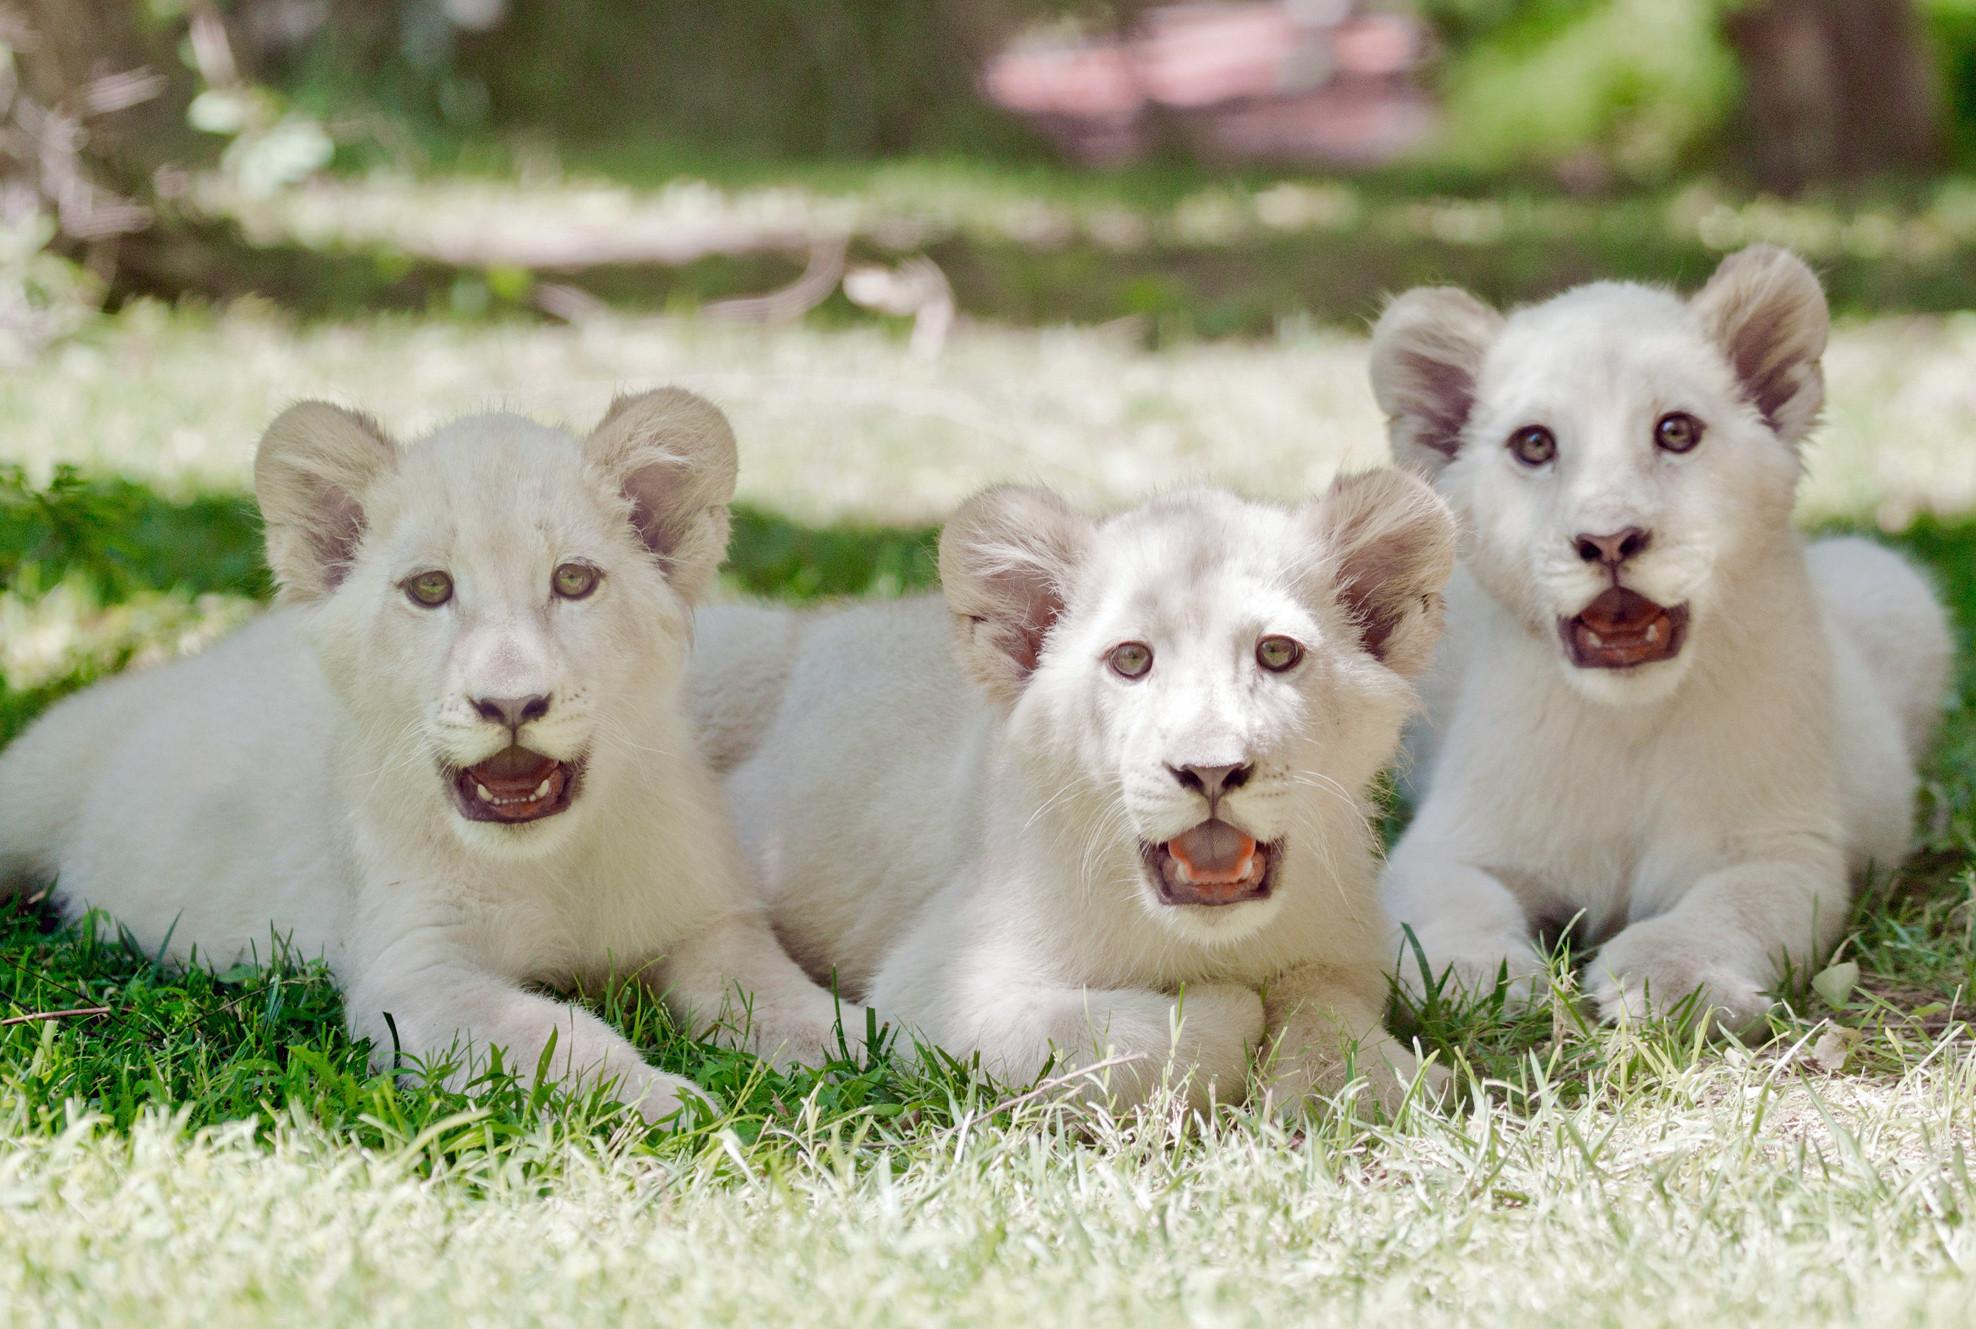 Las Vegas: Three white lion cubs take up residence at the ...